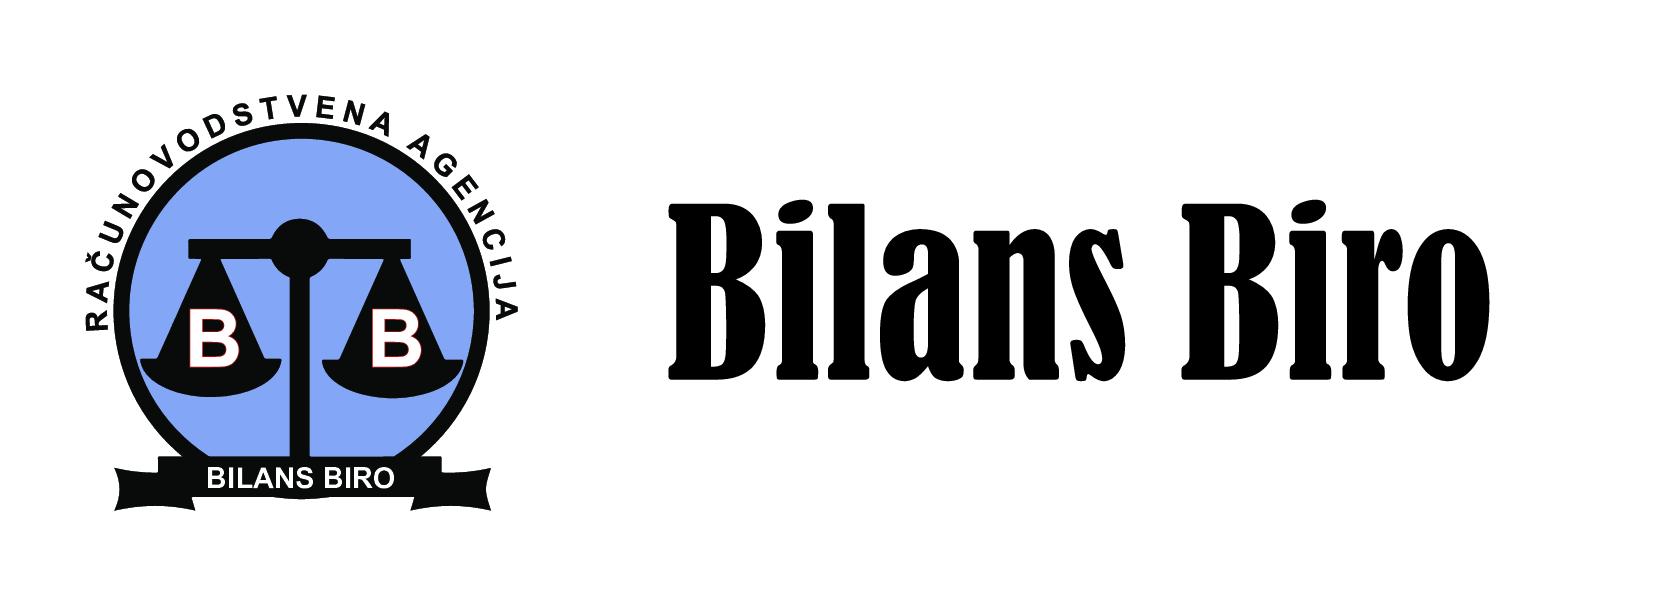 Bilans Biro